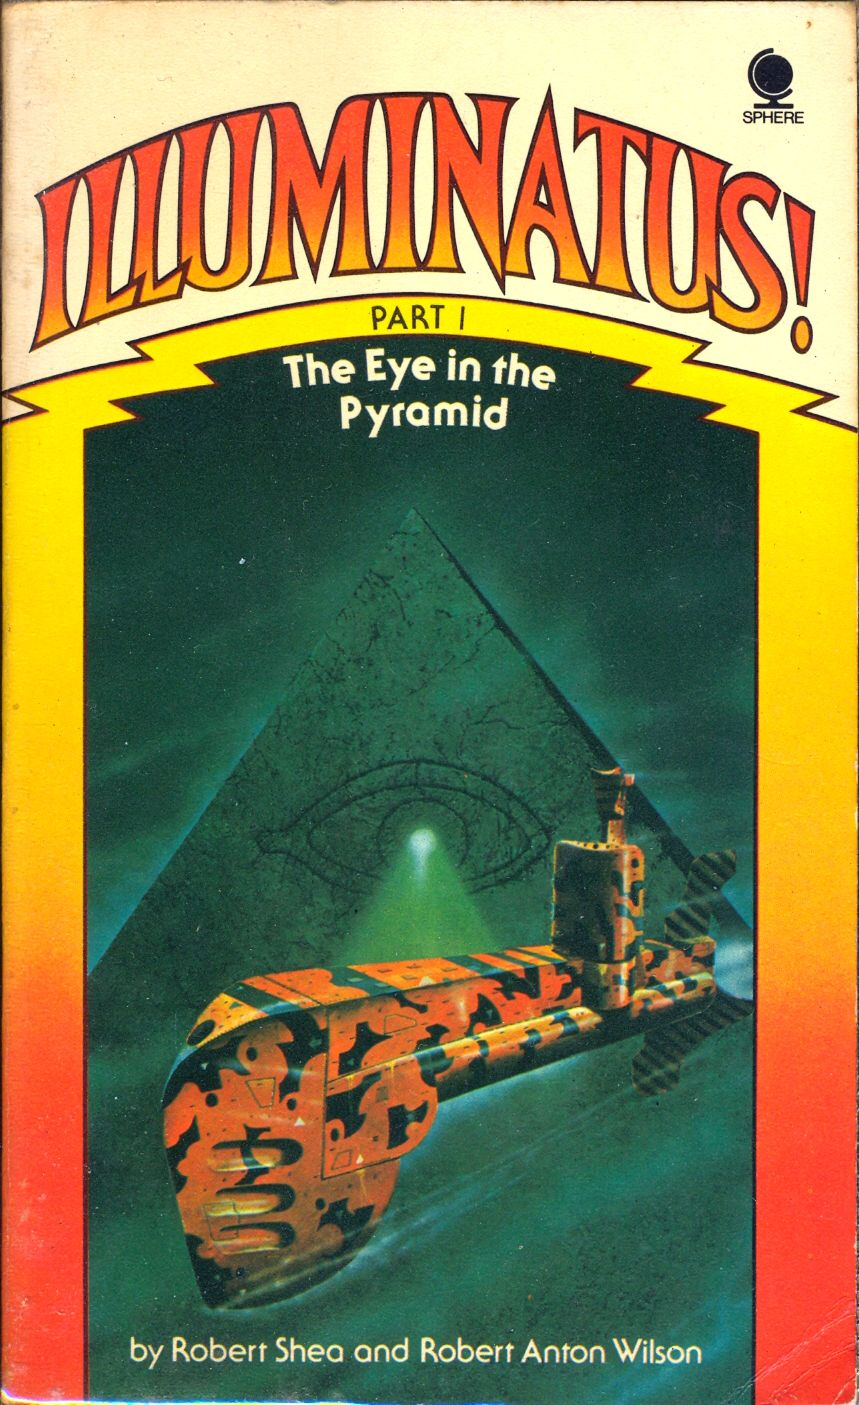 Illuminatus книга скачать